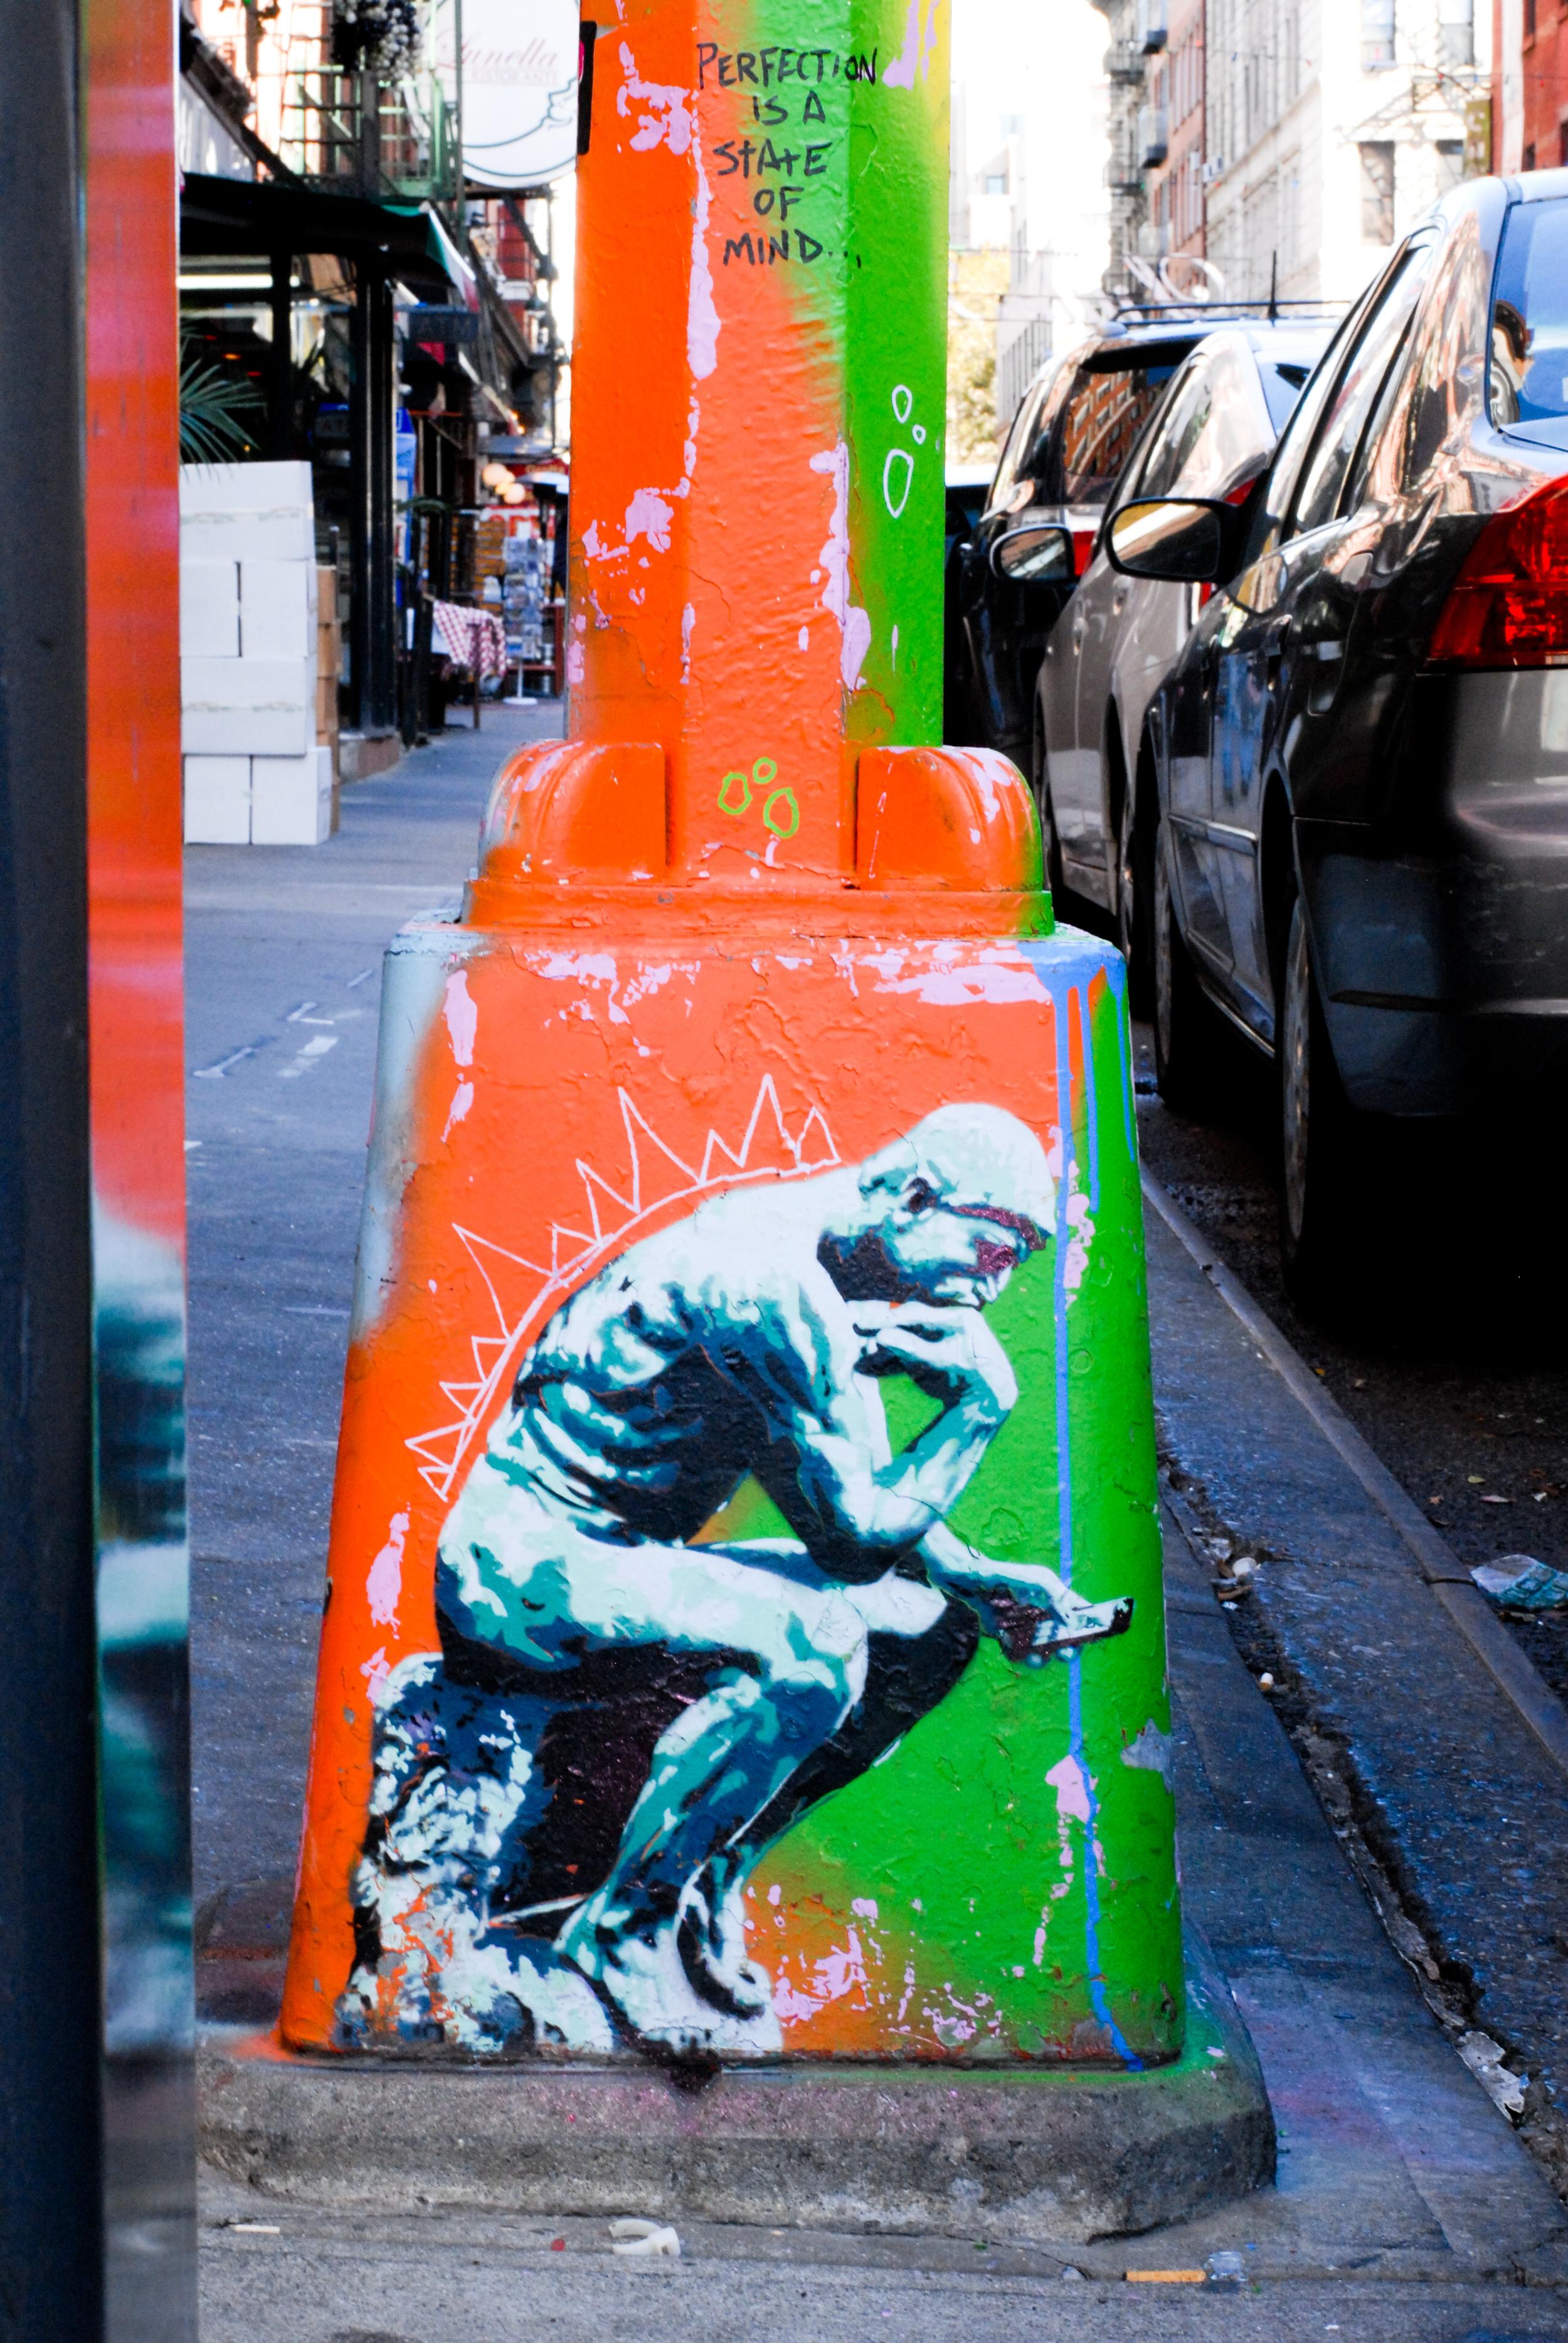 NYC_CityShots-0478.JPG